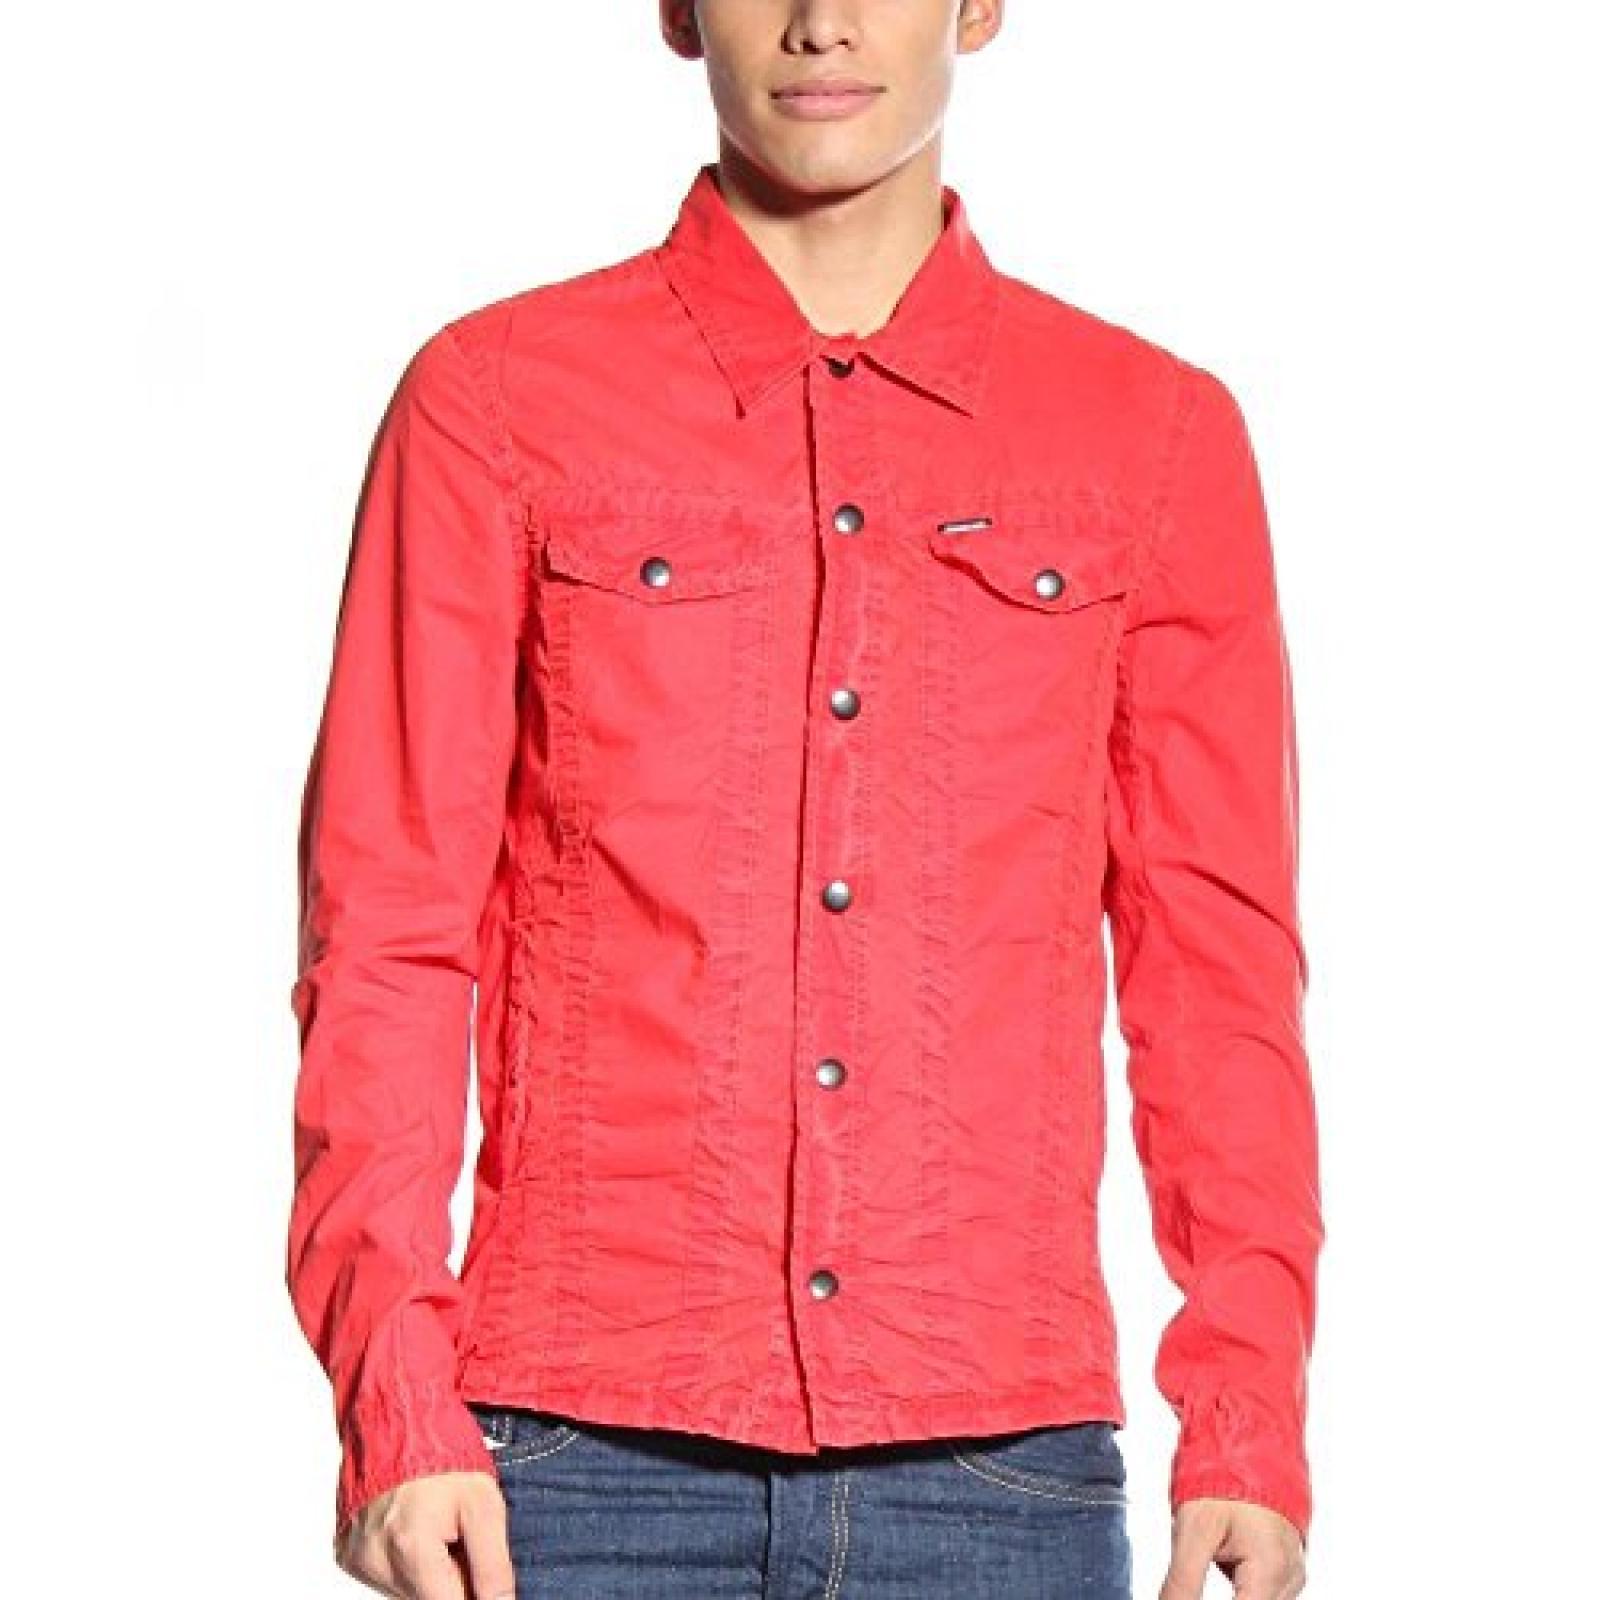 Diesel Damen Jacke Rot Rot